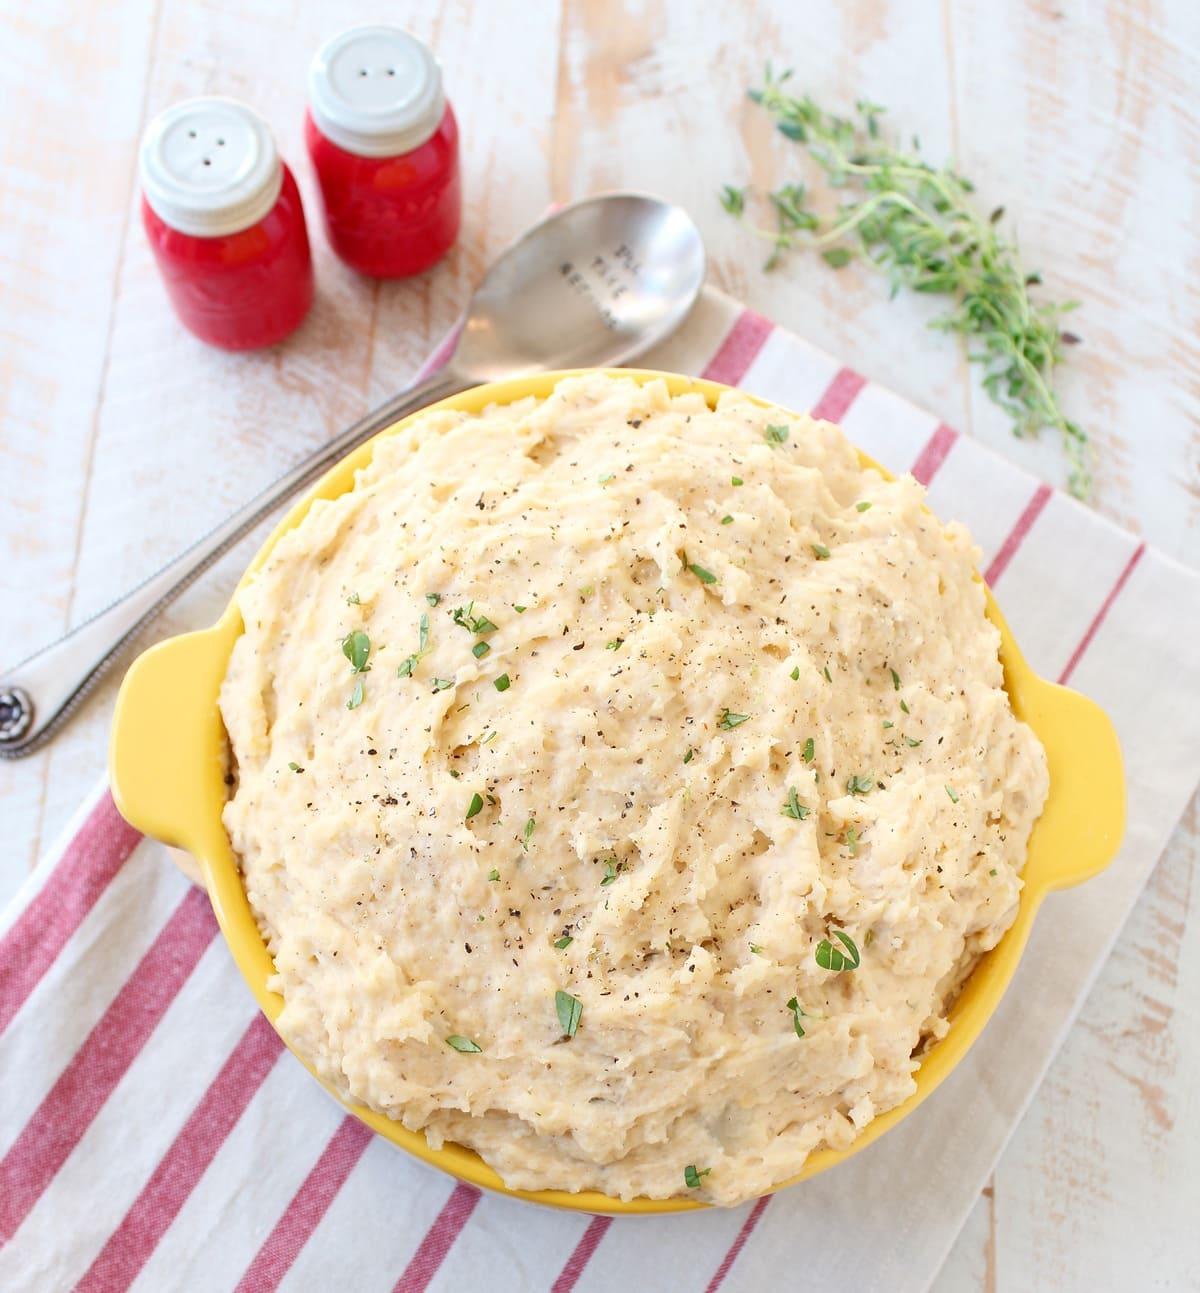 how to make mashed potatoes recipe